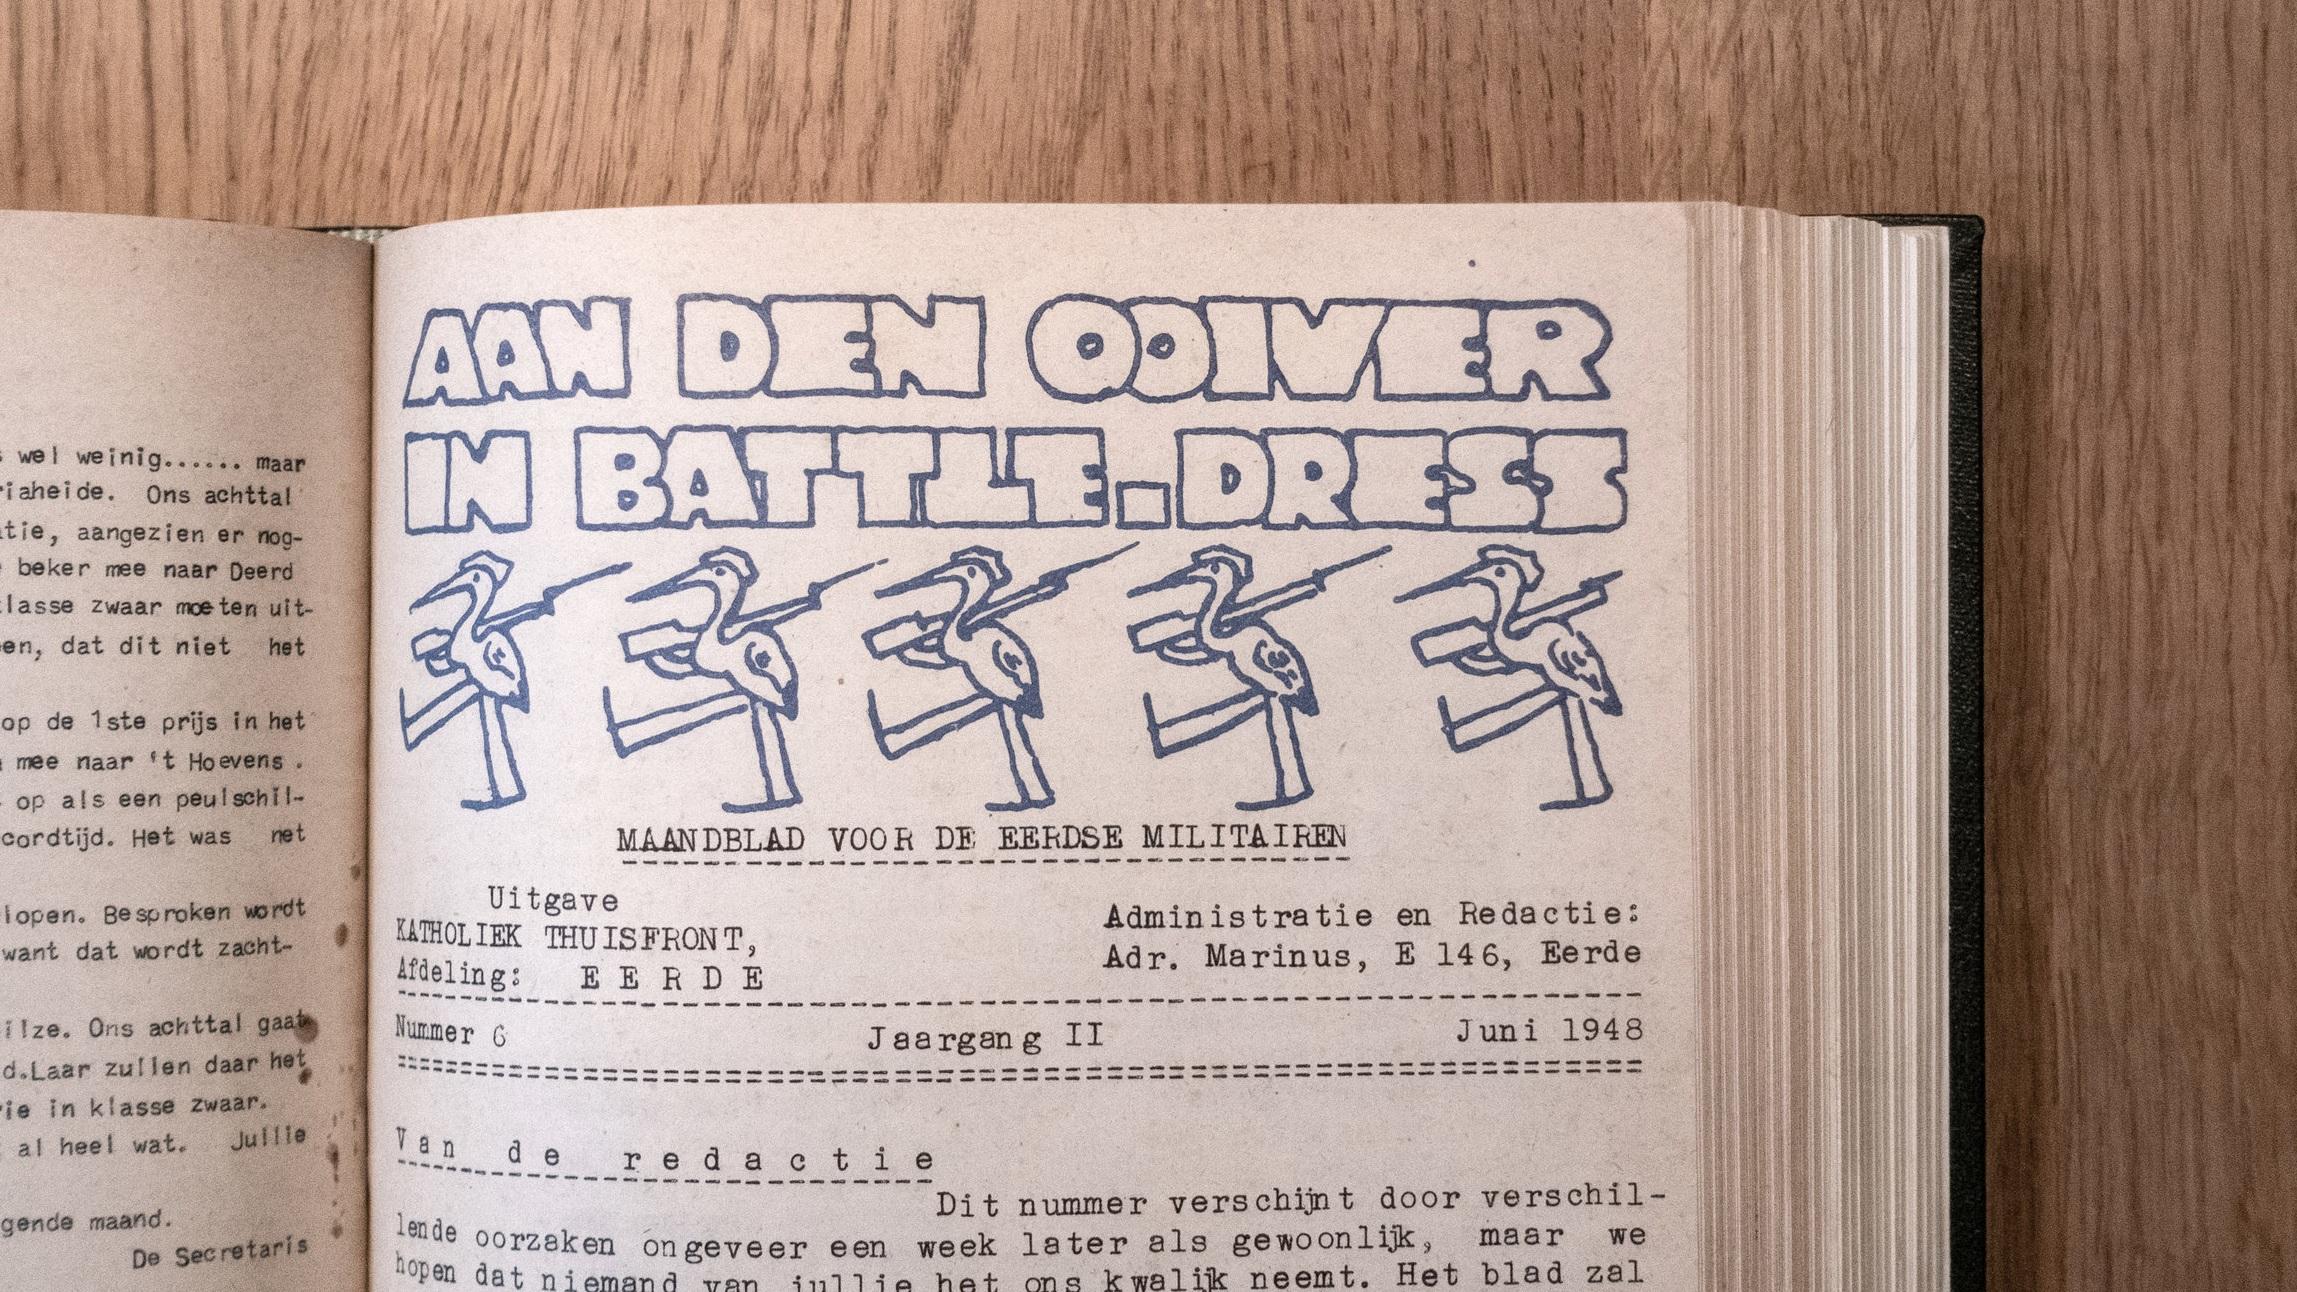 Een bladzijde uit de editie van 'Aan den ooiver in Battle-dress' uit juni 1948